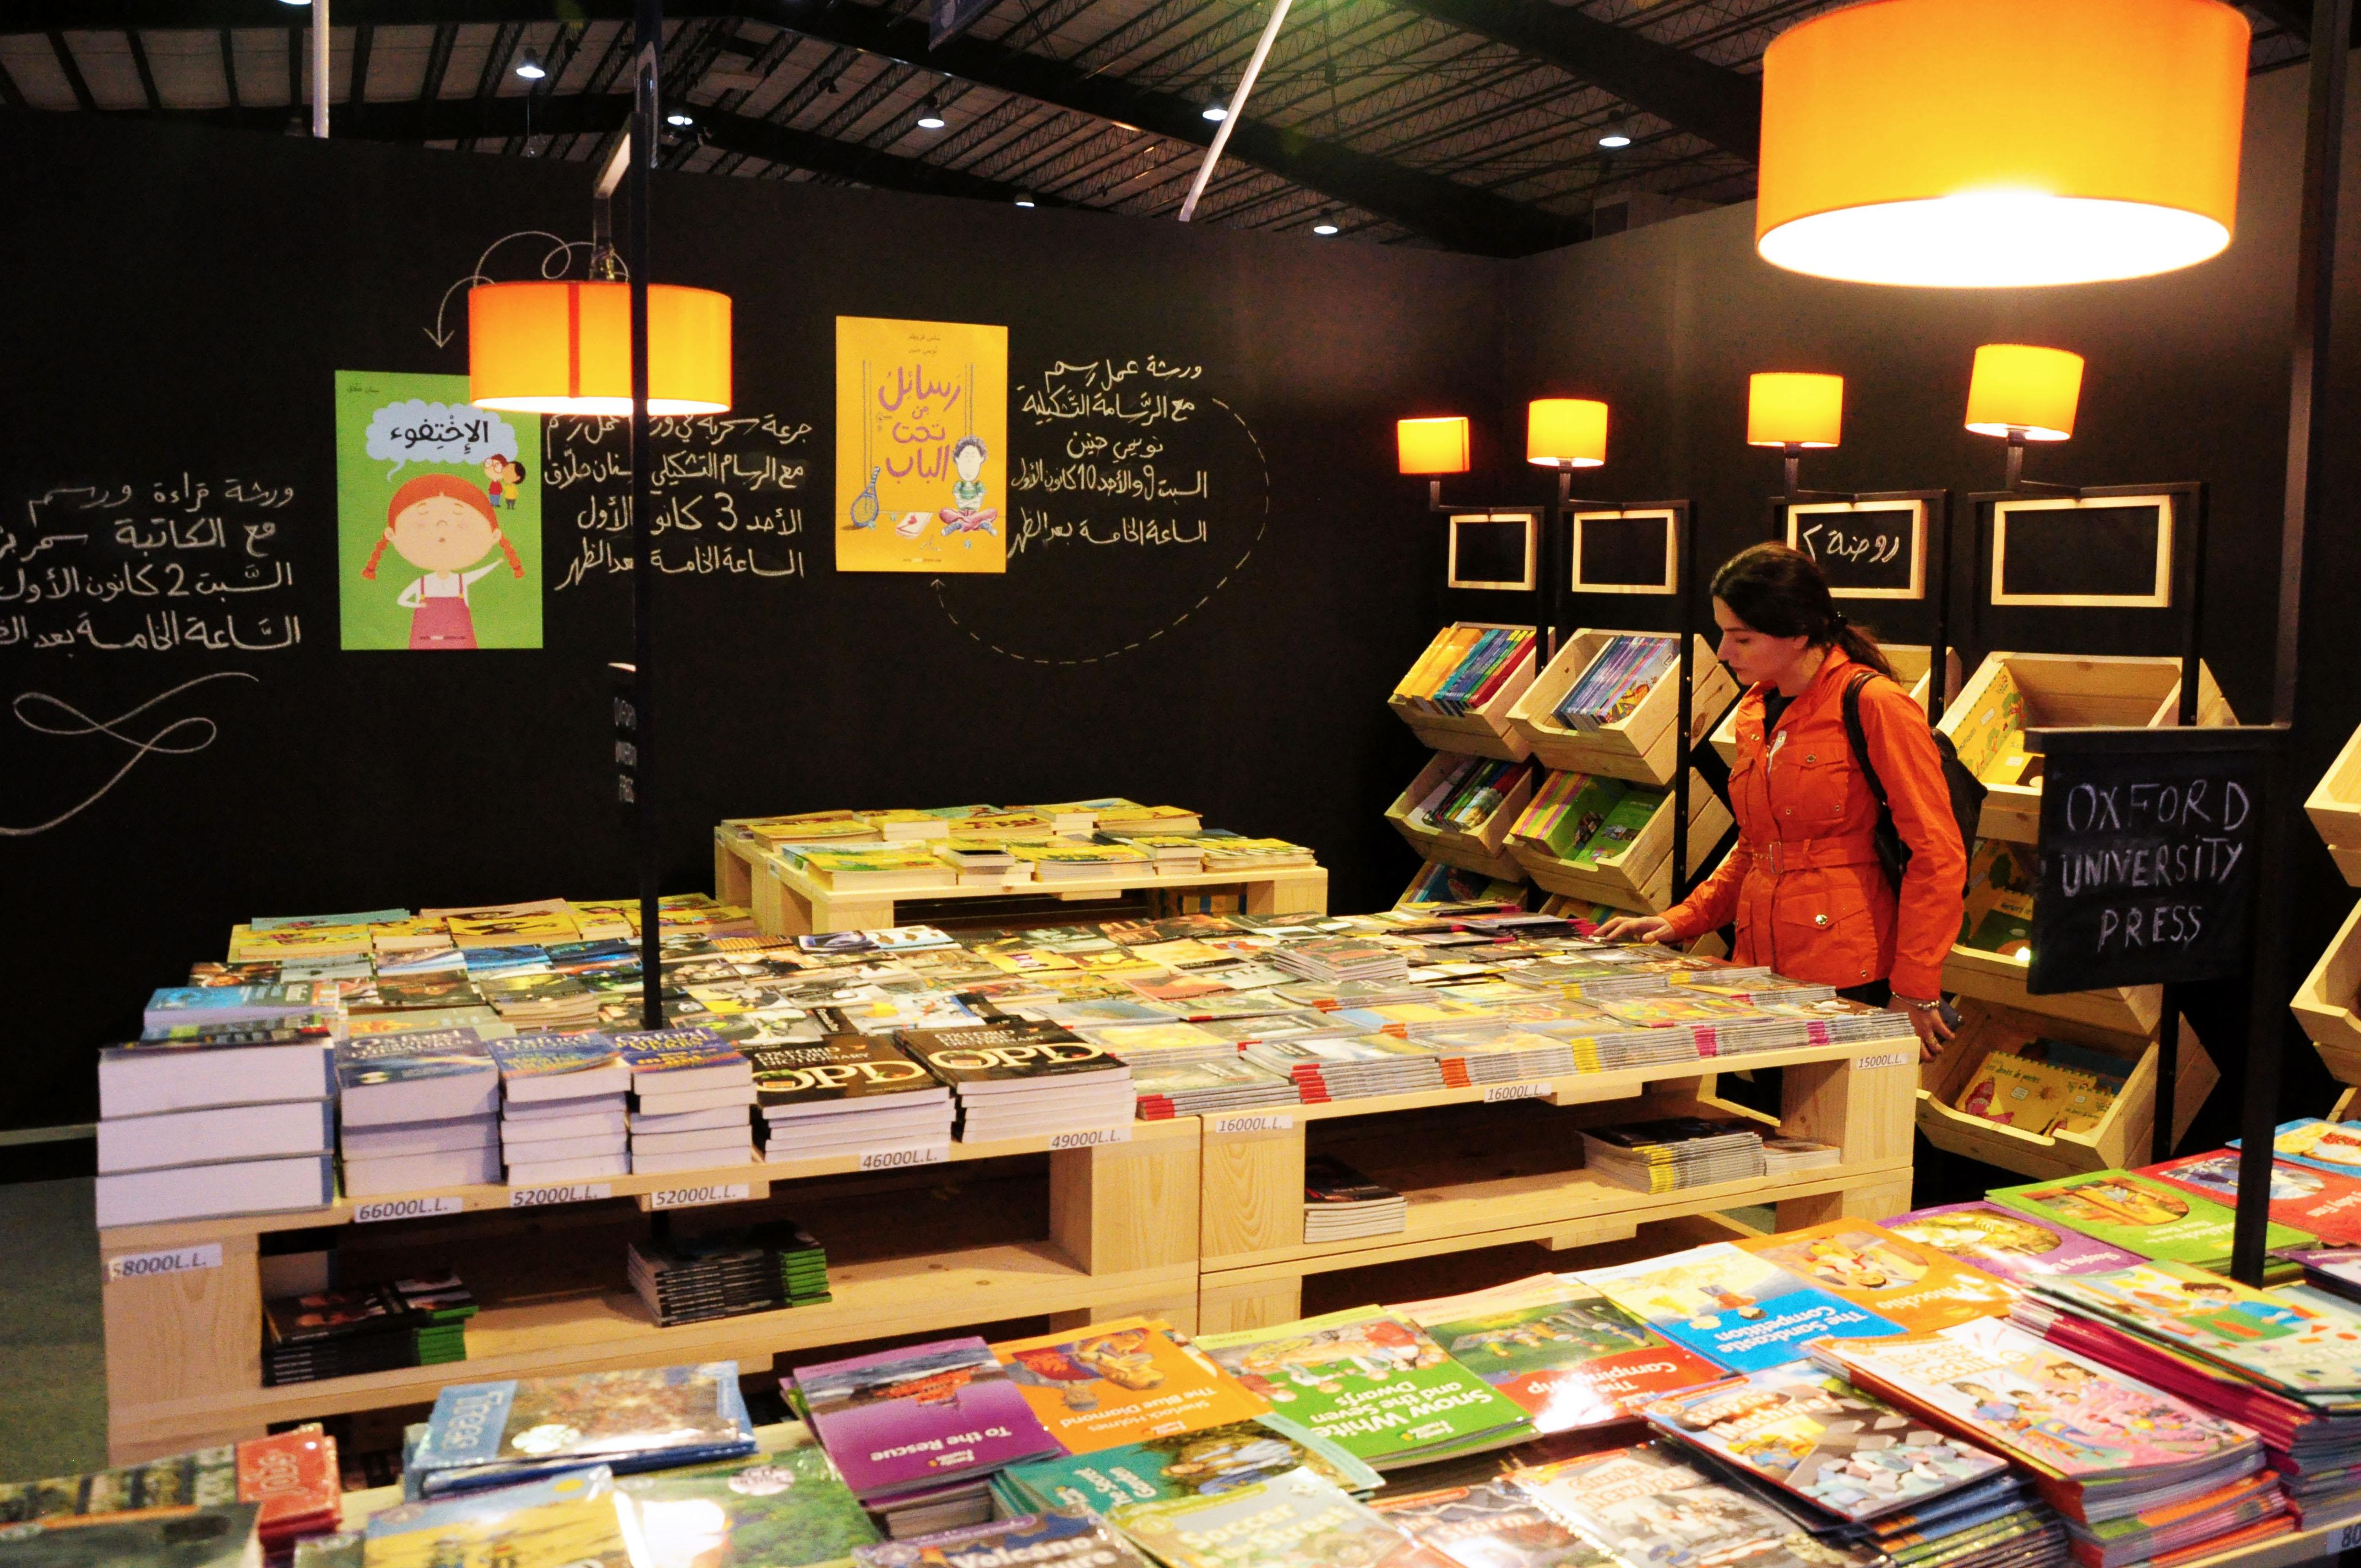 Salon du livre arabe de beyrouth 2017 samir diteur for Salon du livre montreuil 2017